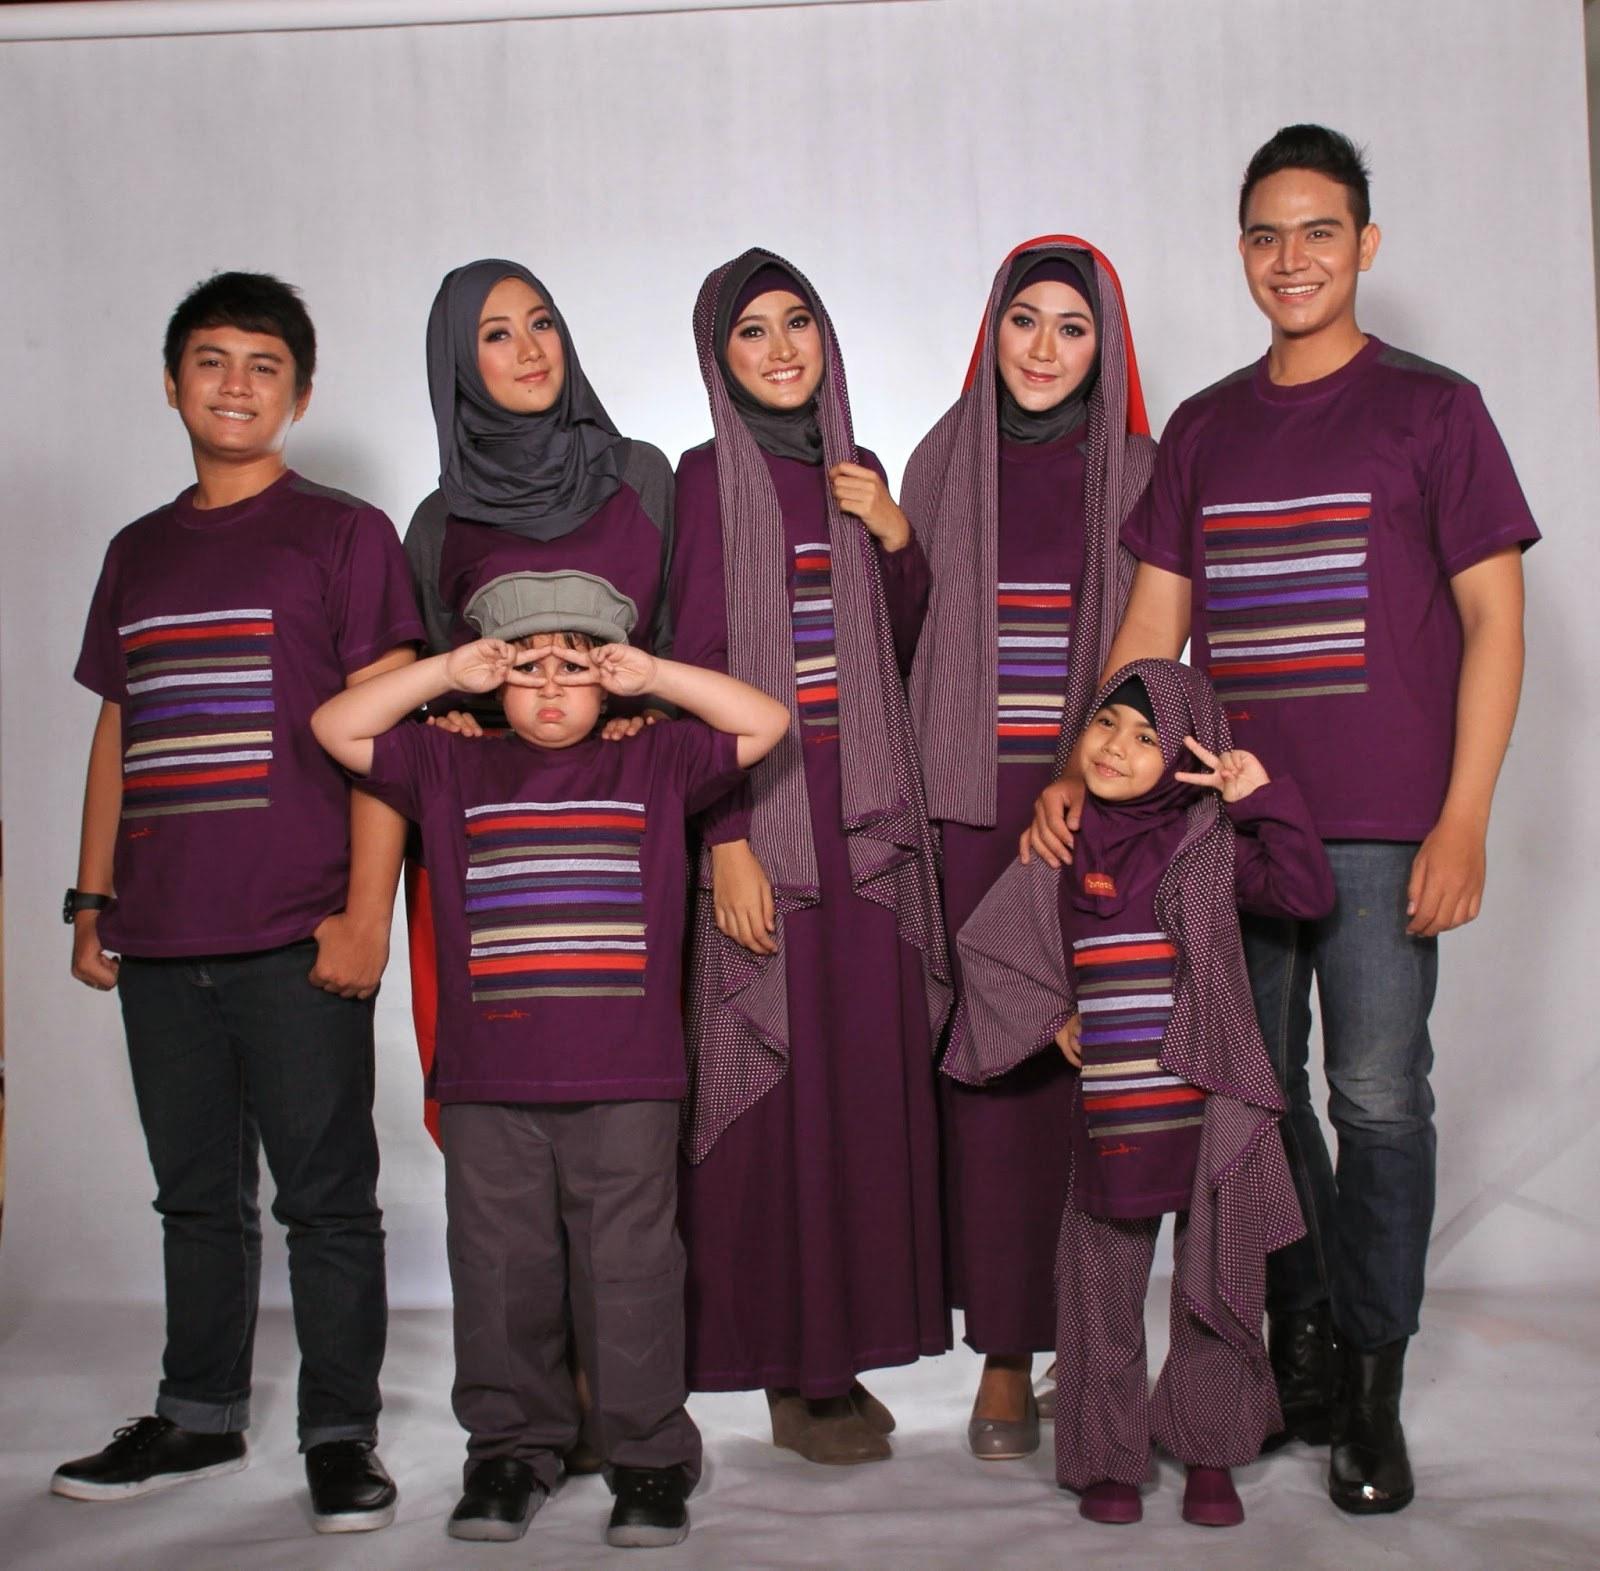 Bentuk Baju Lebaran Anak Lelaki 9ddf Model Baju Keluarga Untuk Hari Raya Lebaran 2018